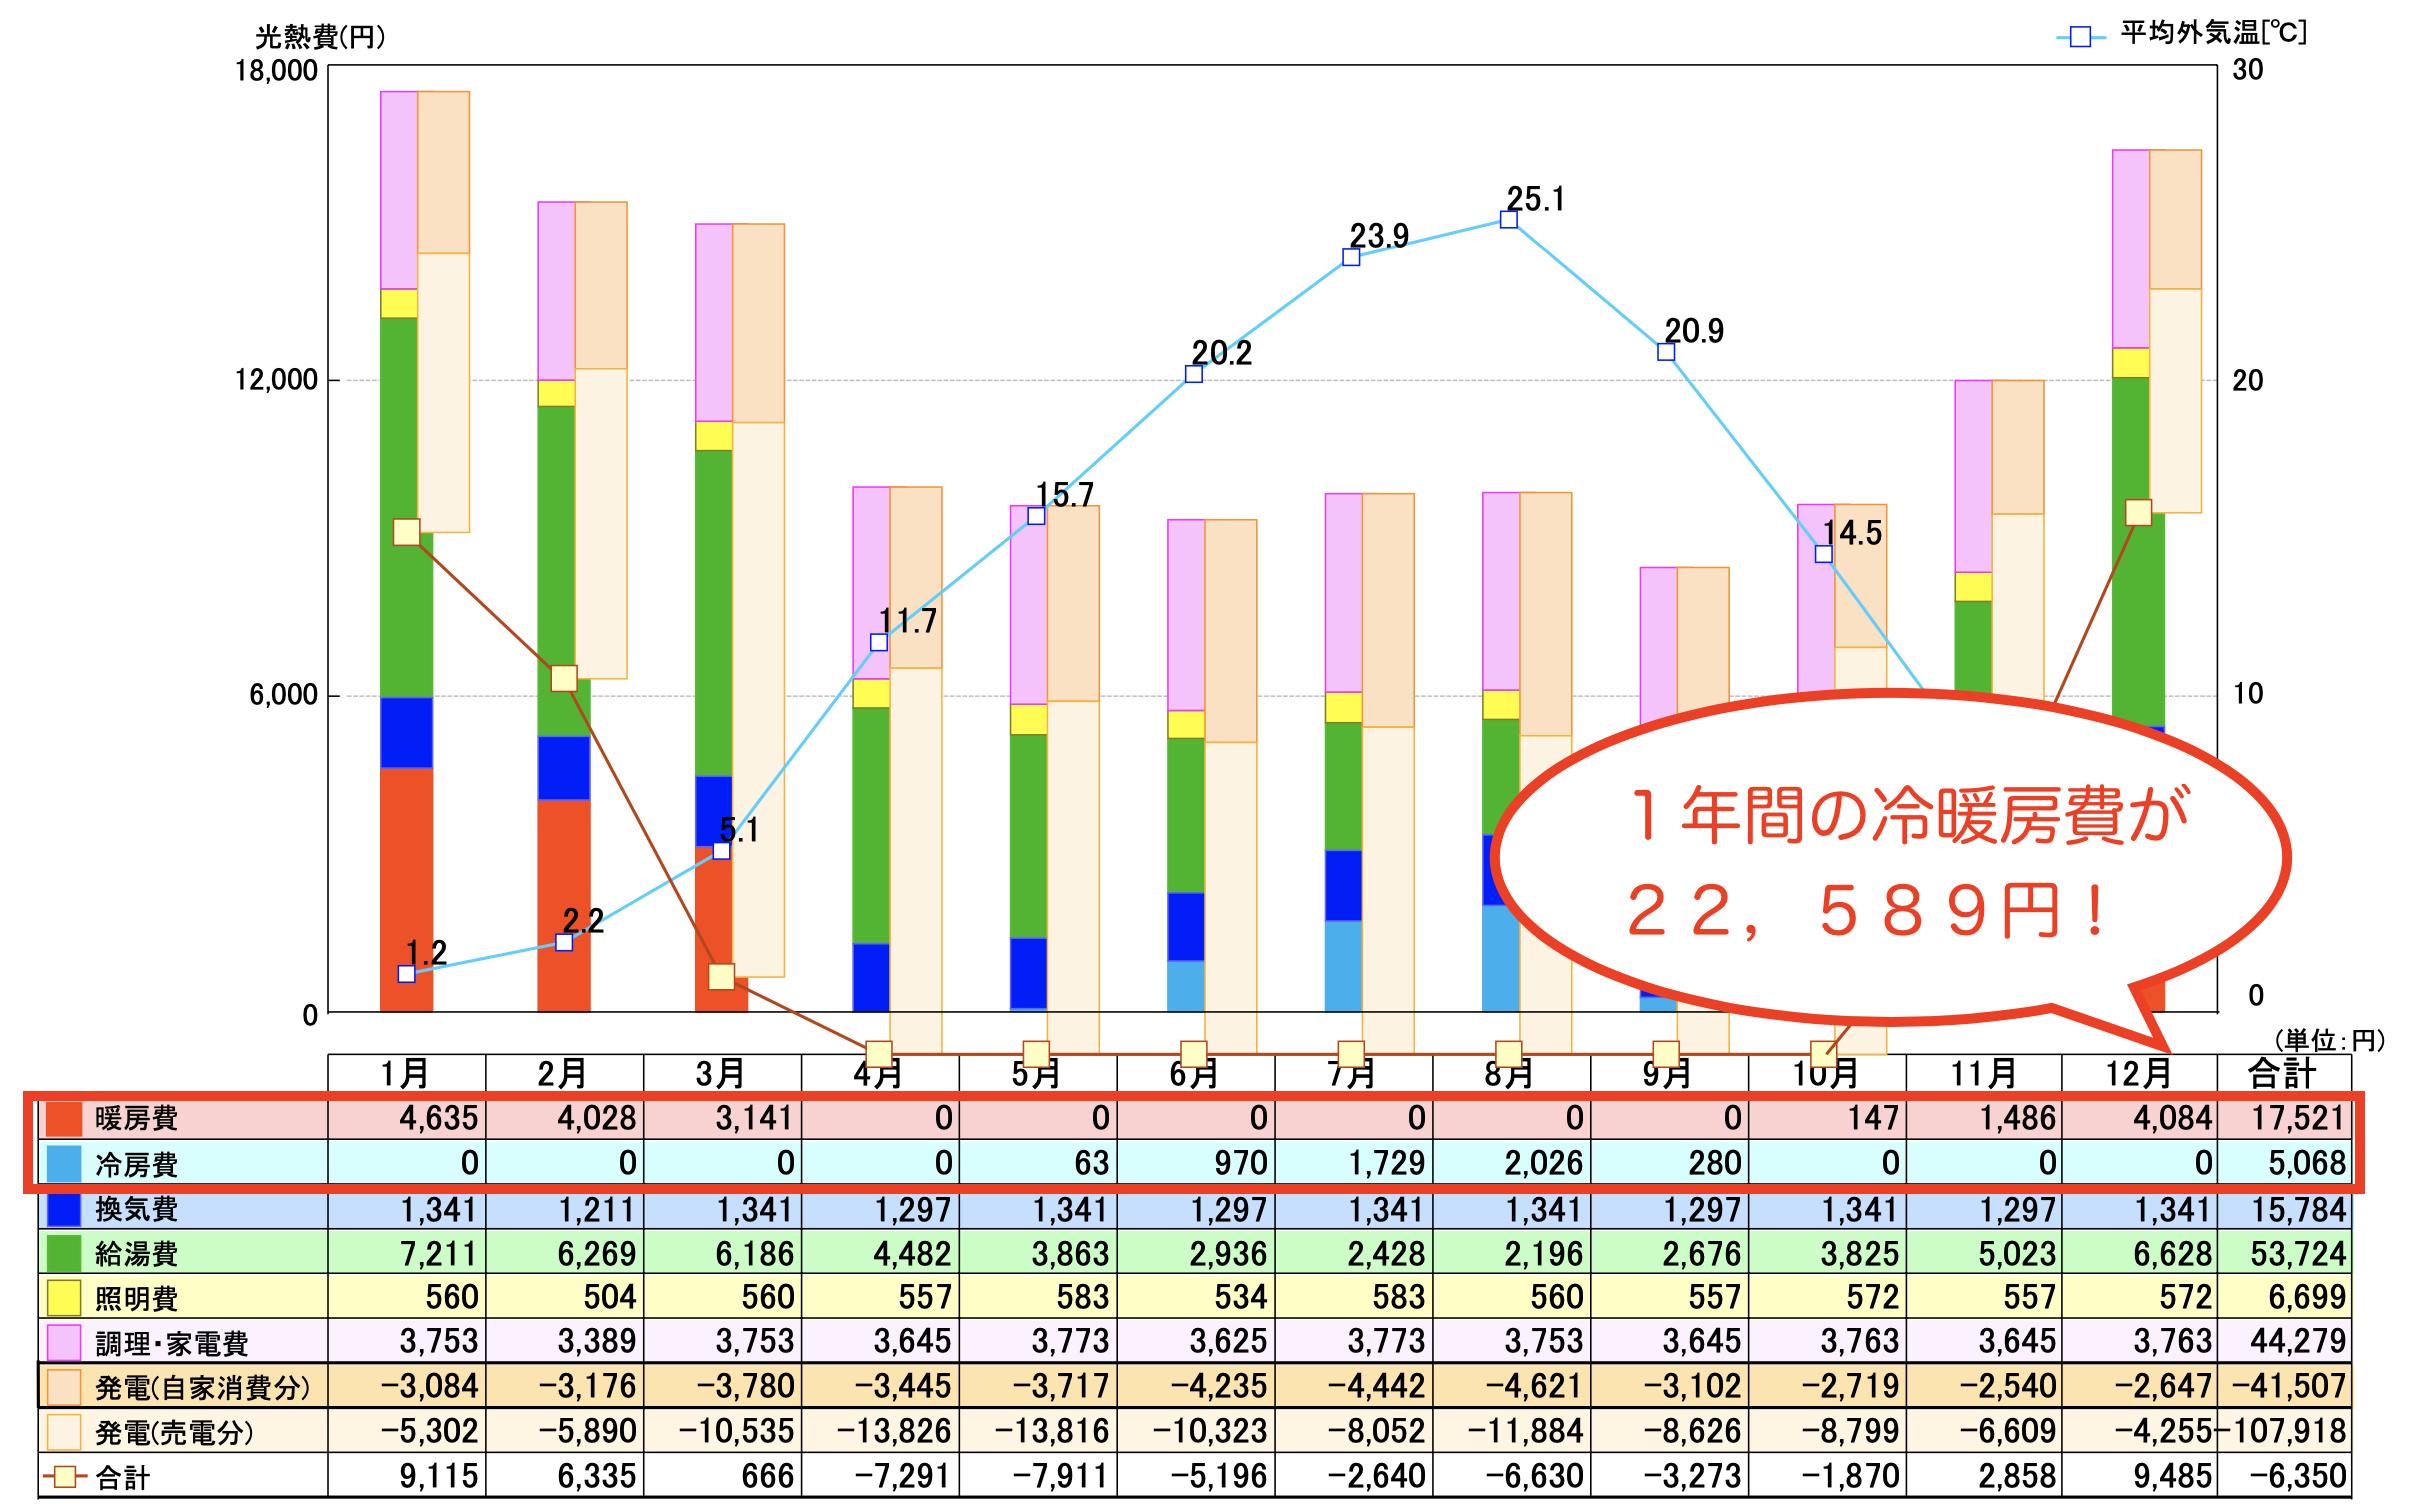 エコハウスは冷暖房費のシミュレーションをすると年間3万円もかからないのがわかります